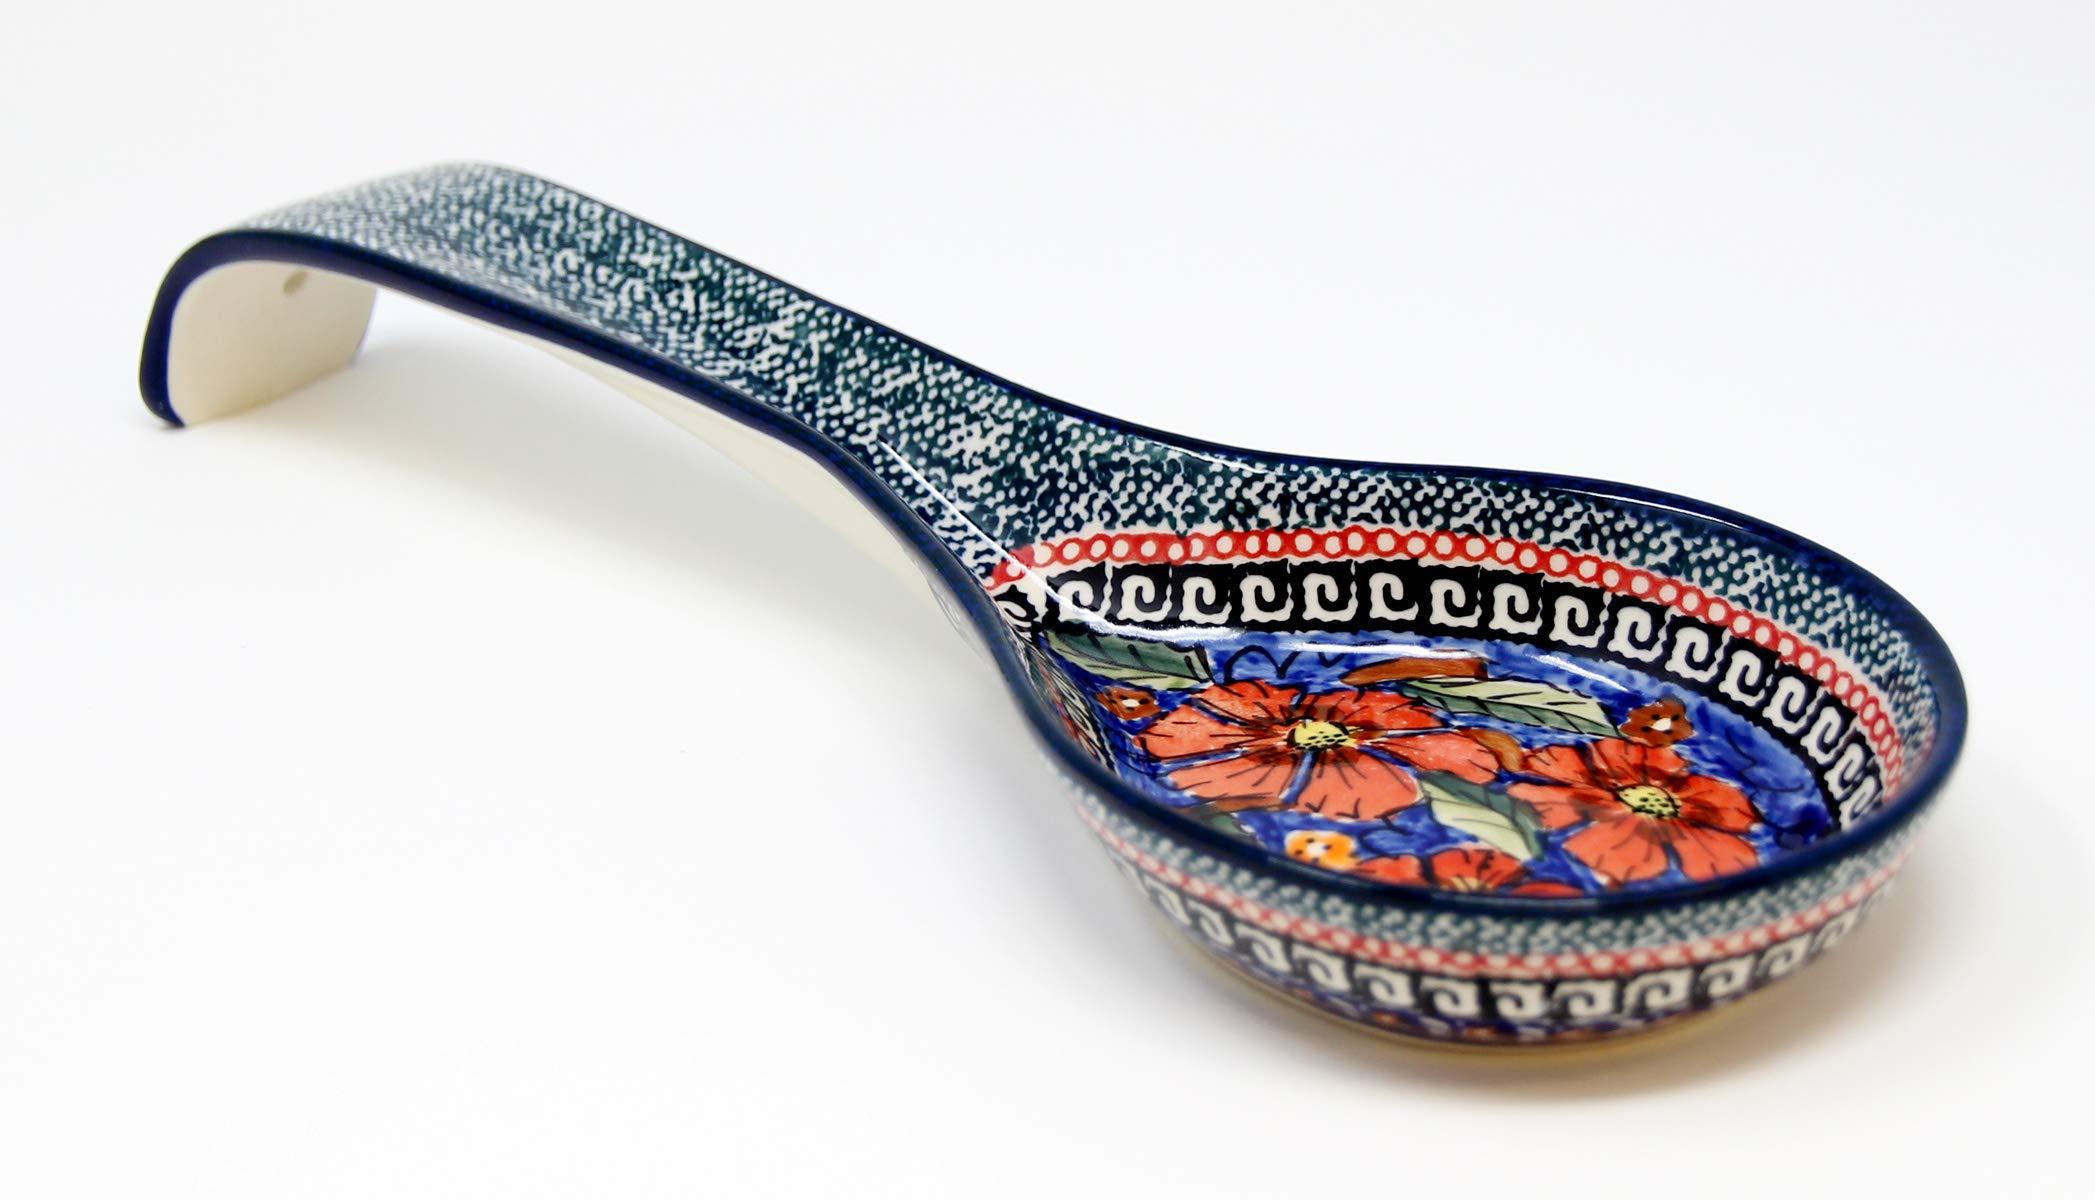 Polish Pottery Spoon Rest From Zaklady Ceramiczne Boleslawiec #1178-150 Art Unikat Signature Pattern, 12 Inch Long by Polish Pottery Market